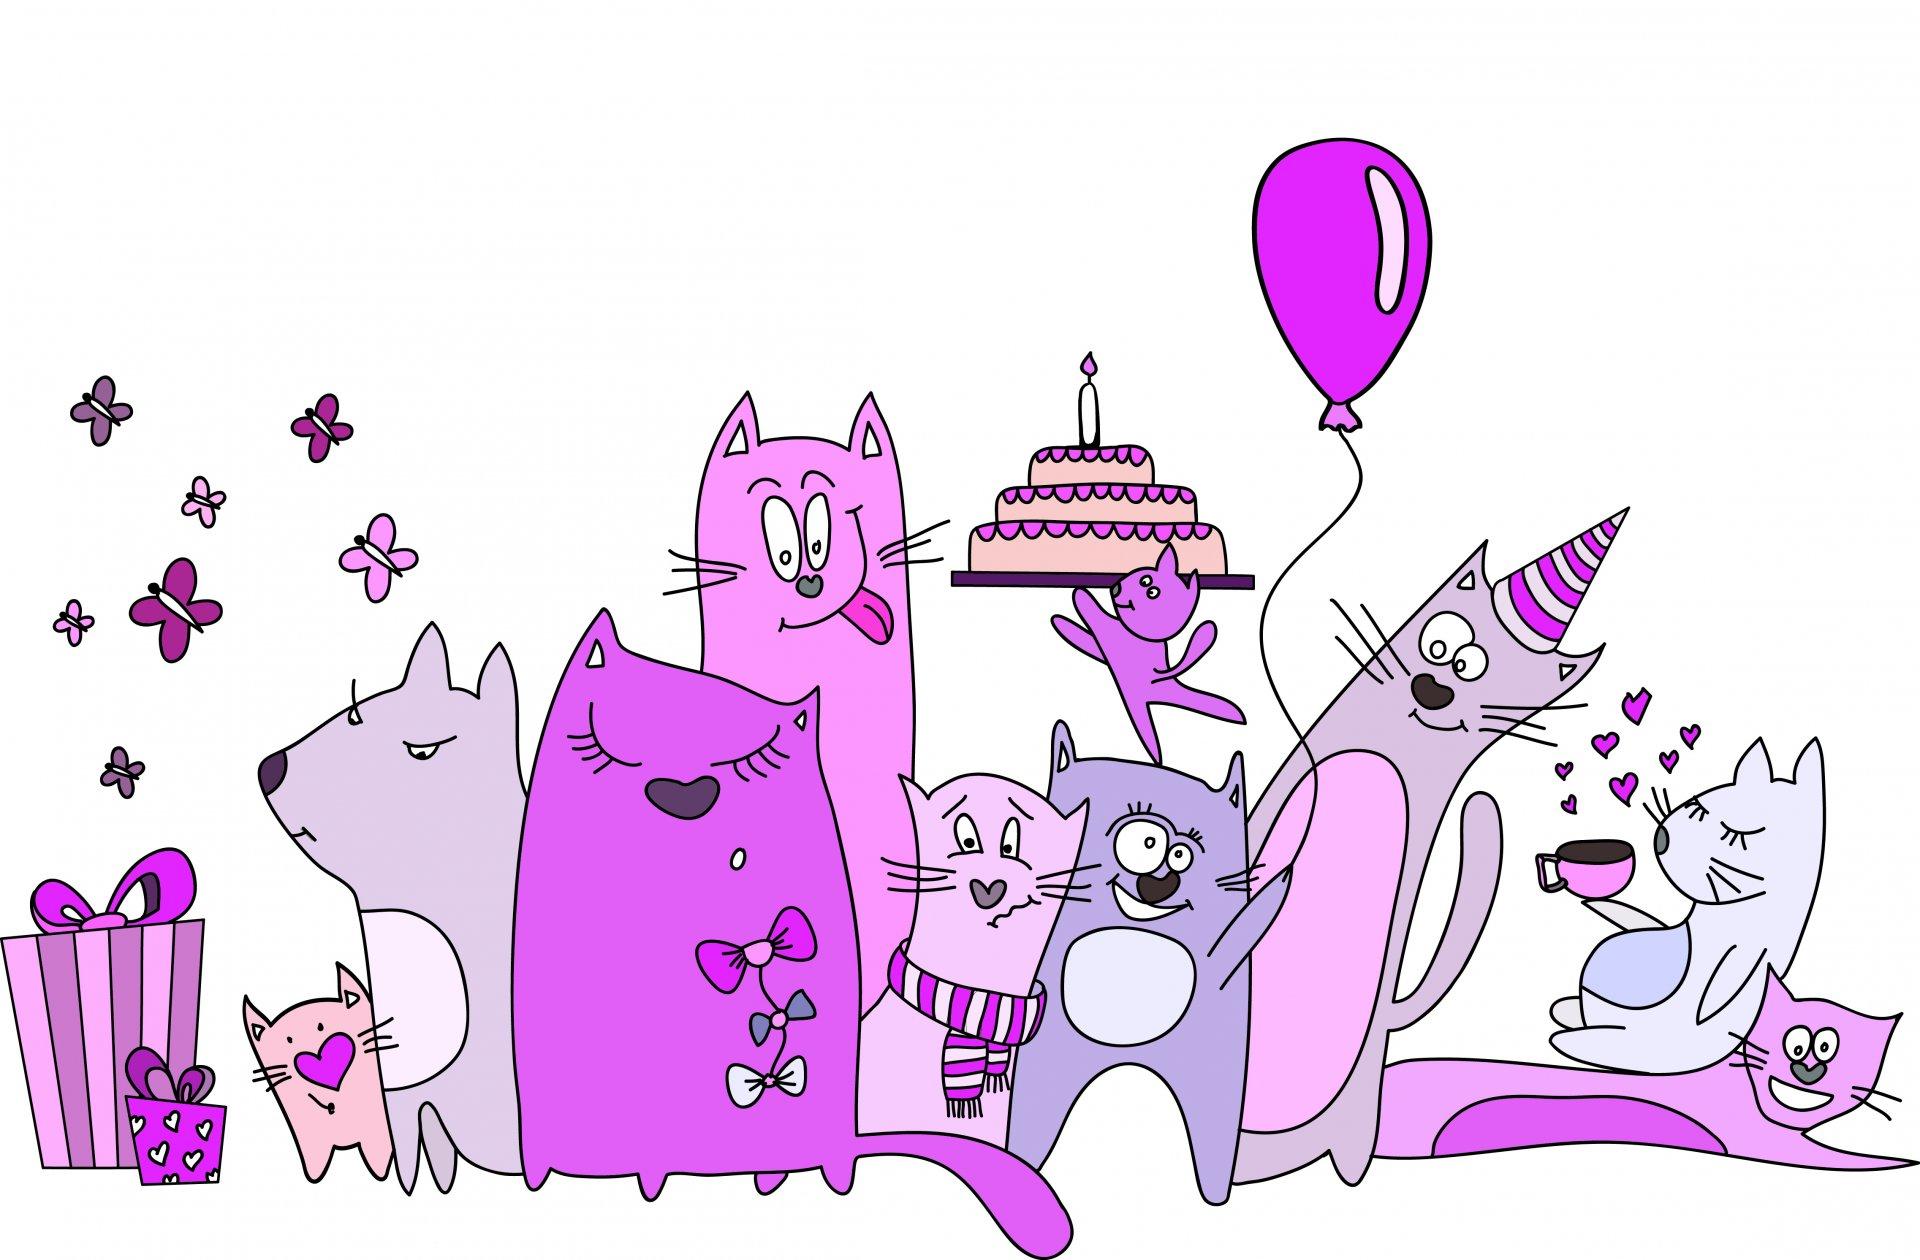 С днем рождения картинки прикольные кот